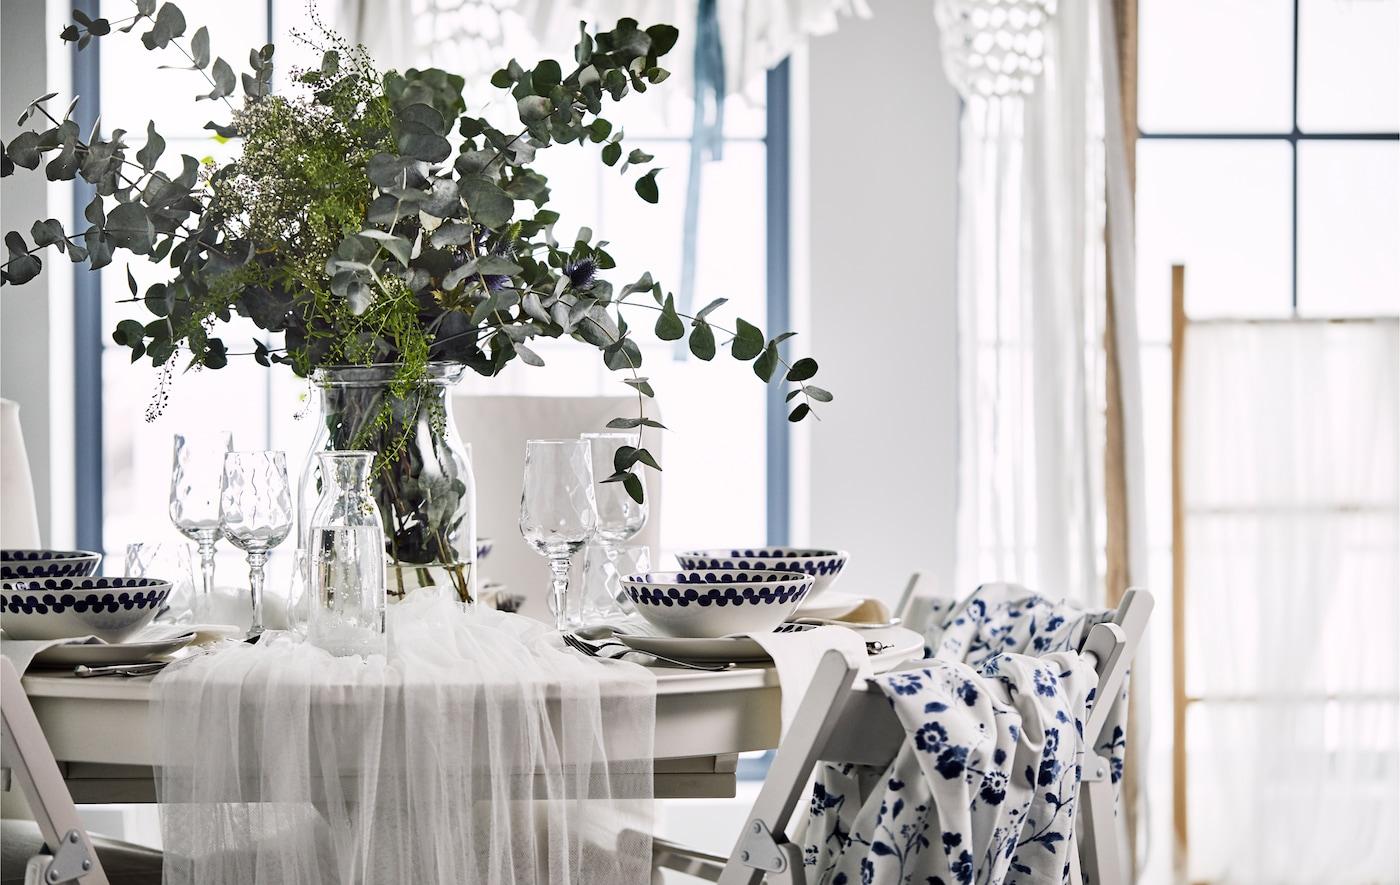 Eine romantische Tischgestaltung mit weissem Tüll auf einem runden Tisch, dekoriert mit Wildblumen und Eukalyptusblättern